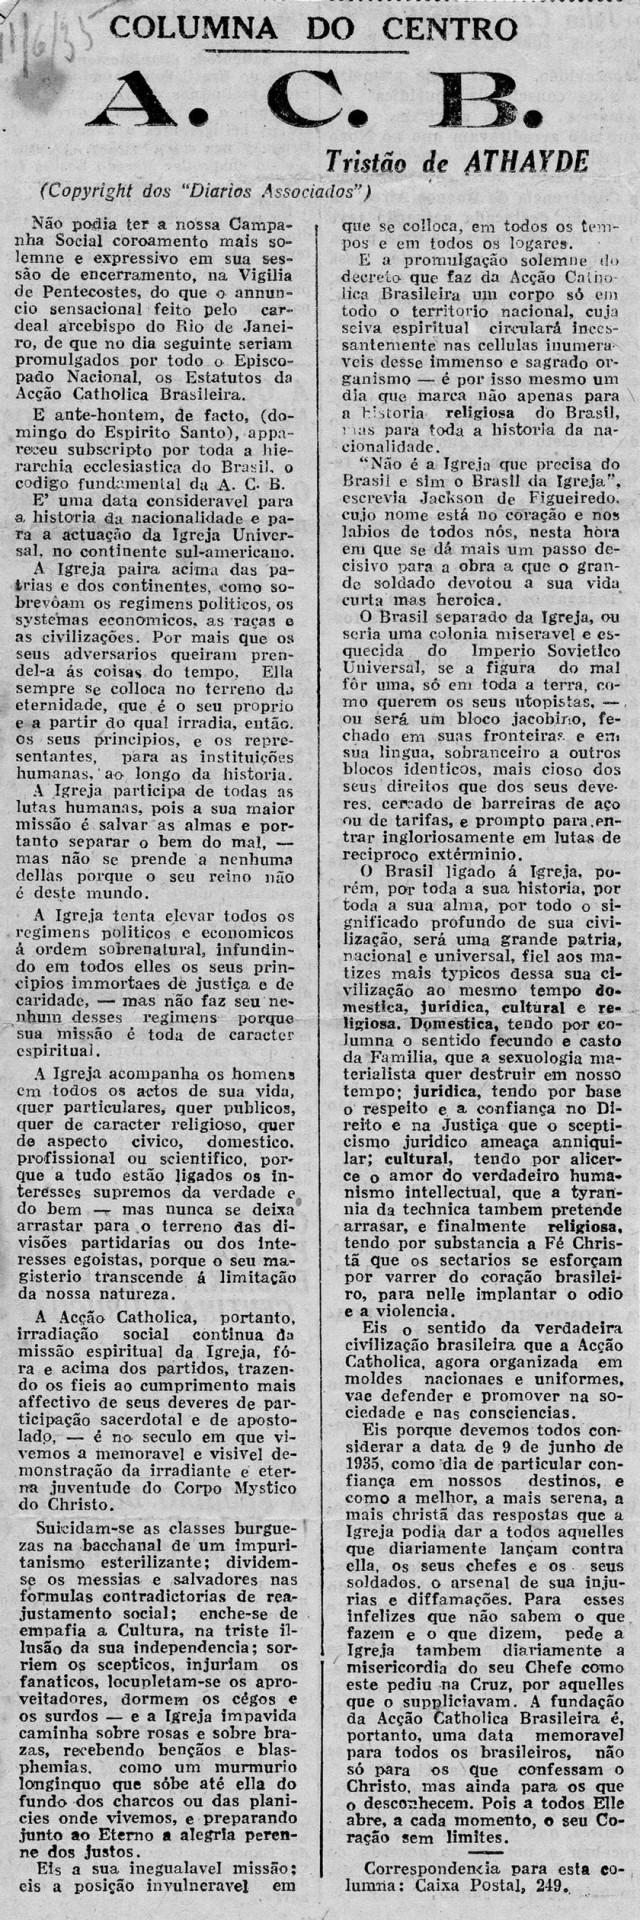 """Tristão de Ataíde usa  sua coluna de crítica literária para falar da Ação Católica. """"O Jornal"""", 11 de junho de 1935"""